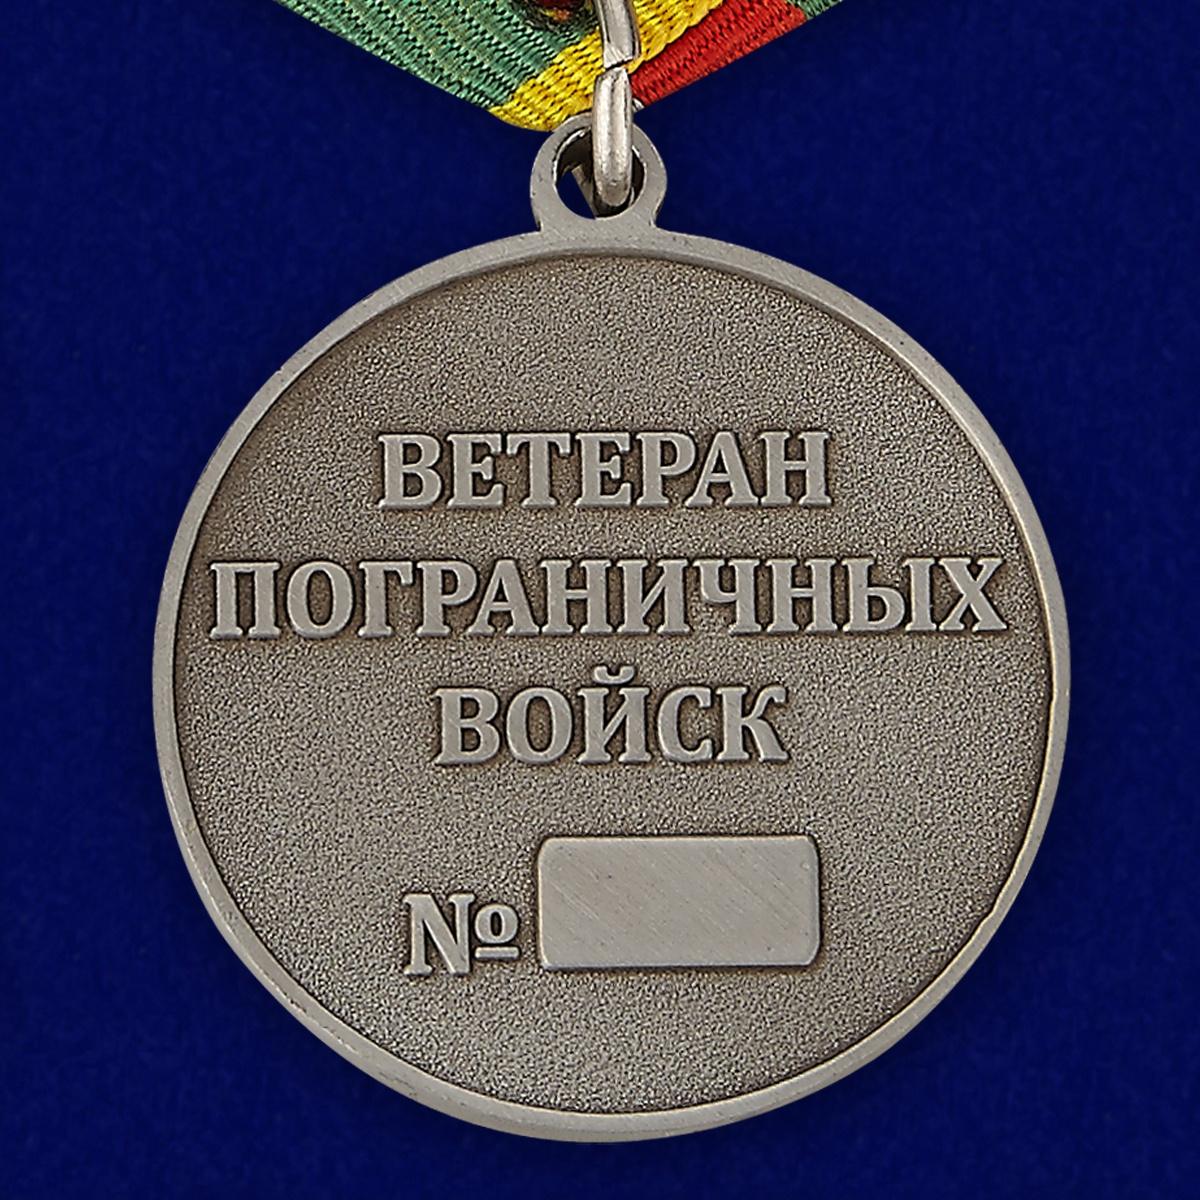 Медаль Пограничных войск по привлекательной цене